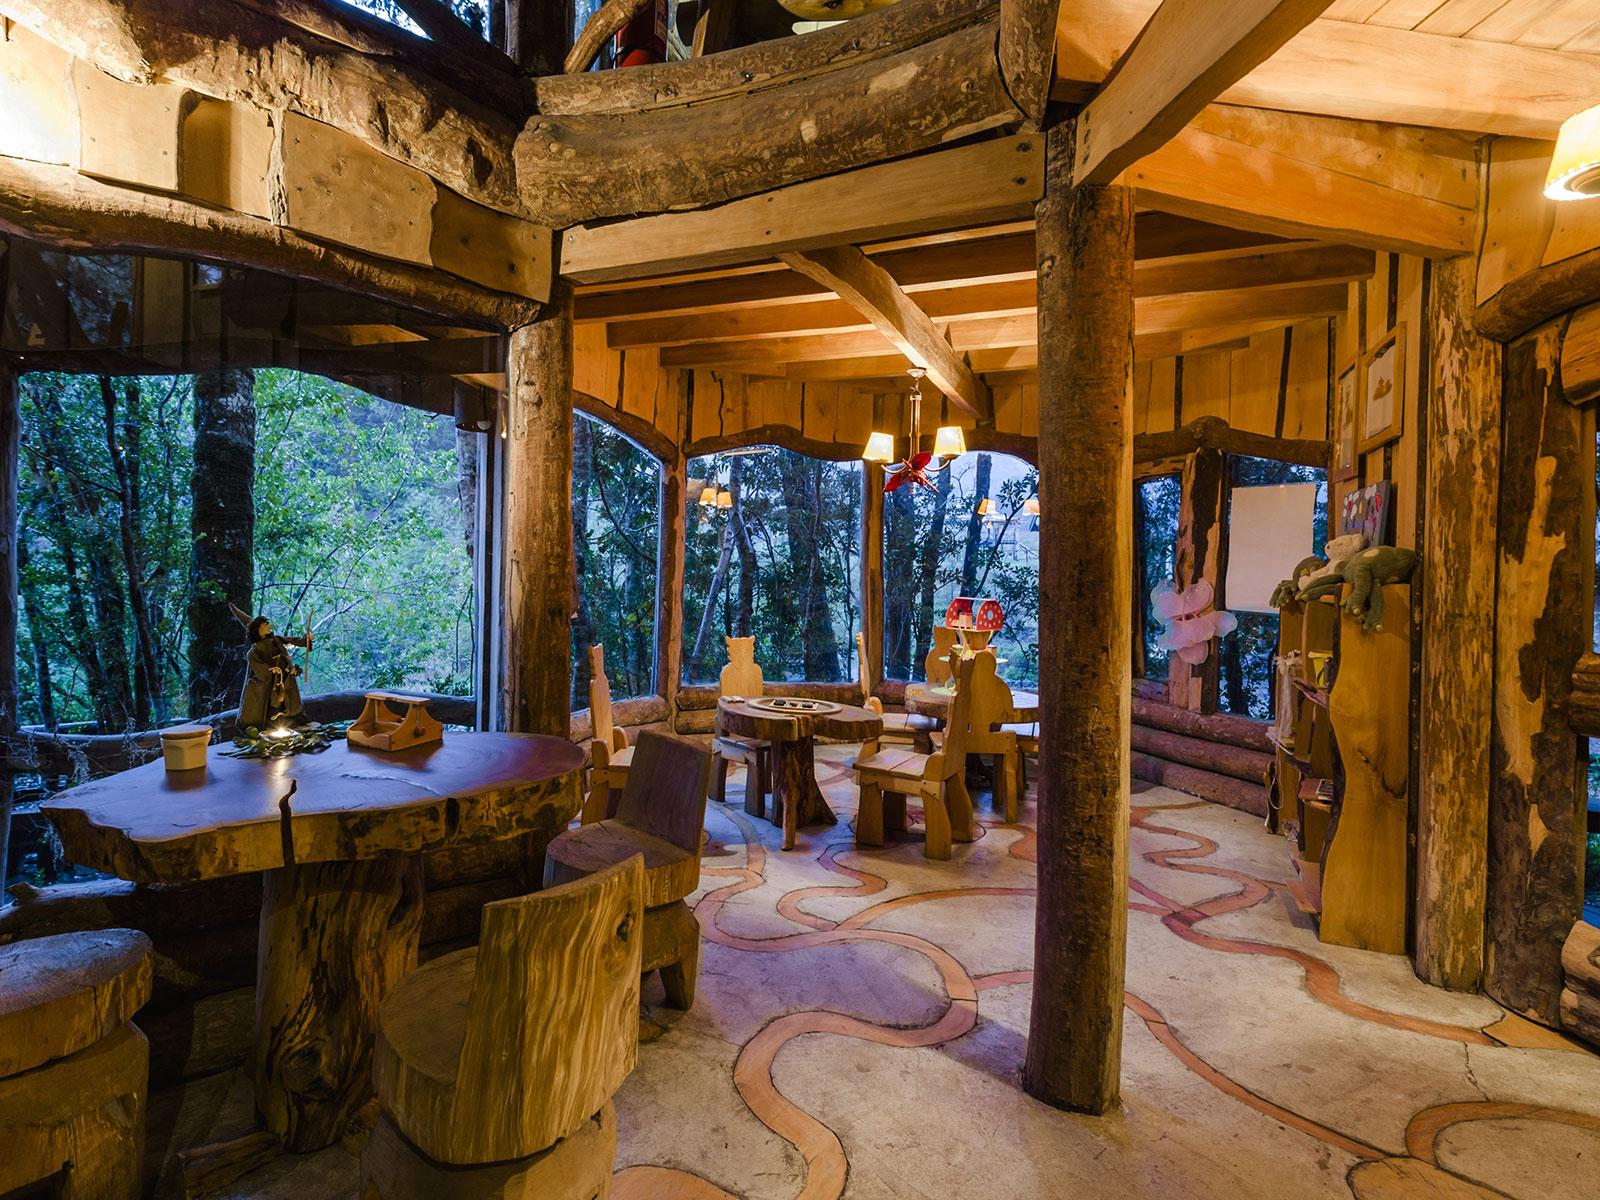 Картинки по запросу Уникальный отель - вулкан Montana Magica